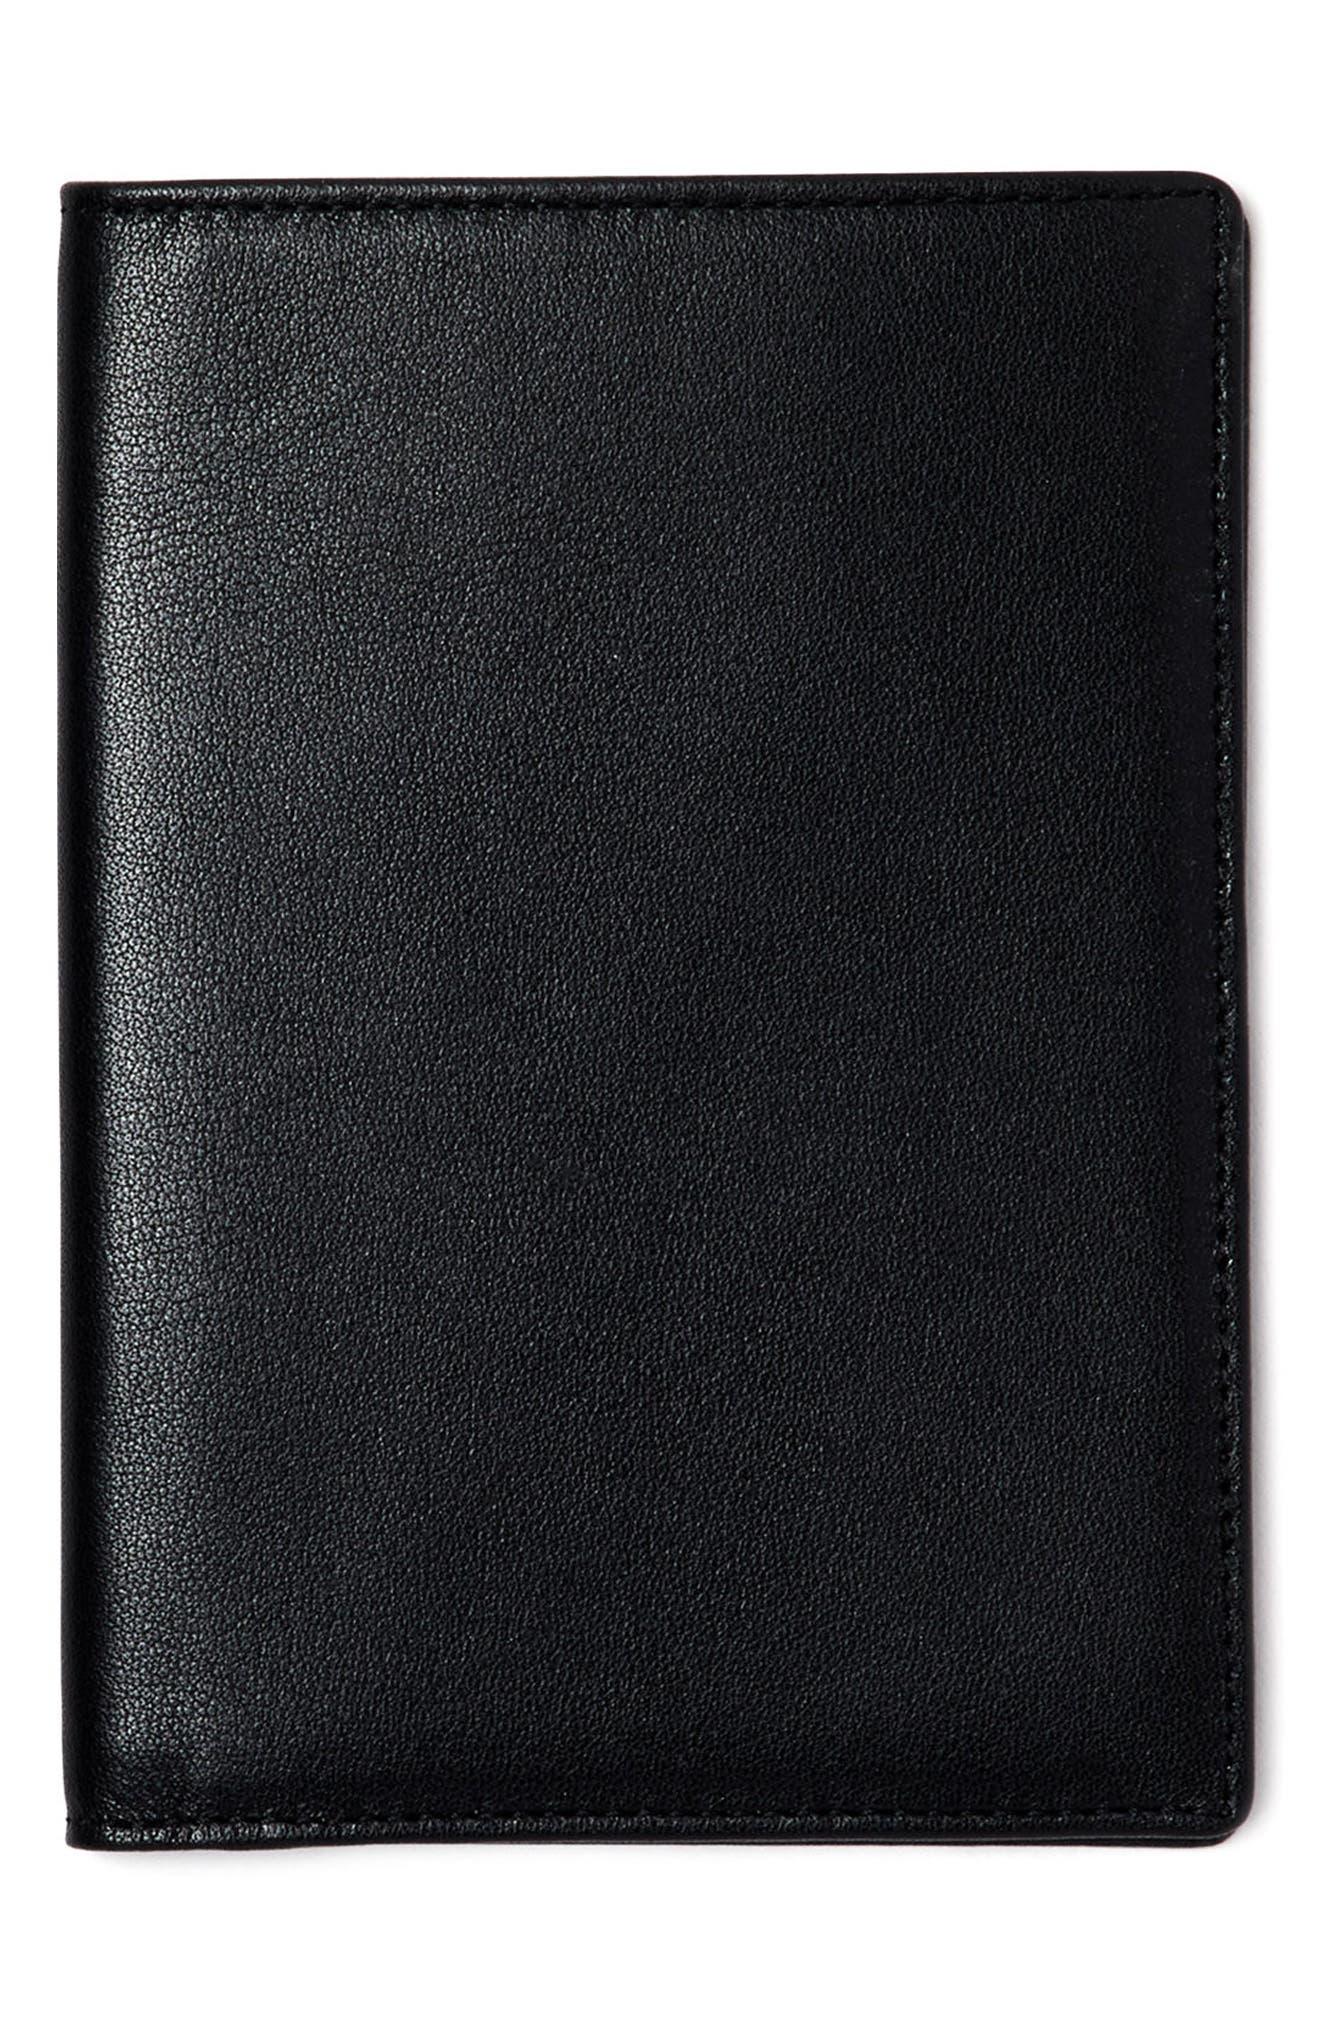 Personalized Leather Passport Case,                             Main thumbnail 1, color,                             Noir